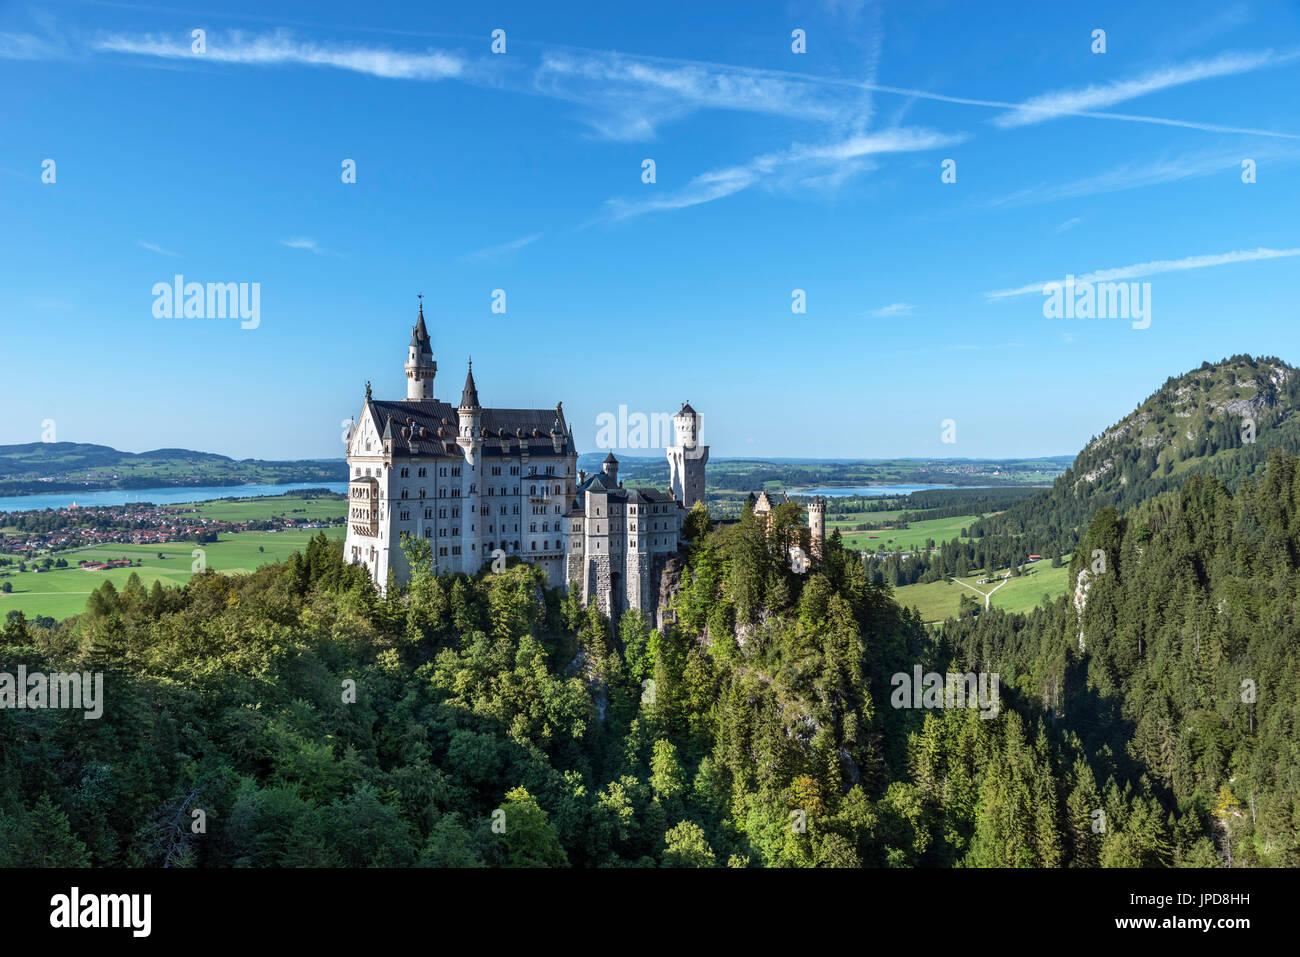 Le château de Neuschwanstein (Schloss Neuschwanstein), le palais de contes de fées construit par le roi Louis II de Bavière, Hohenschwangau, Allemagne Photo Stock